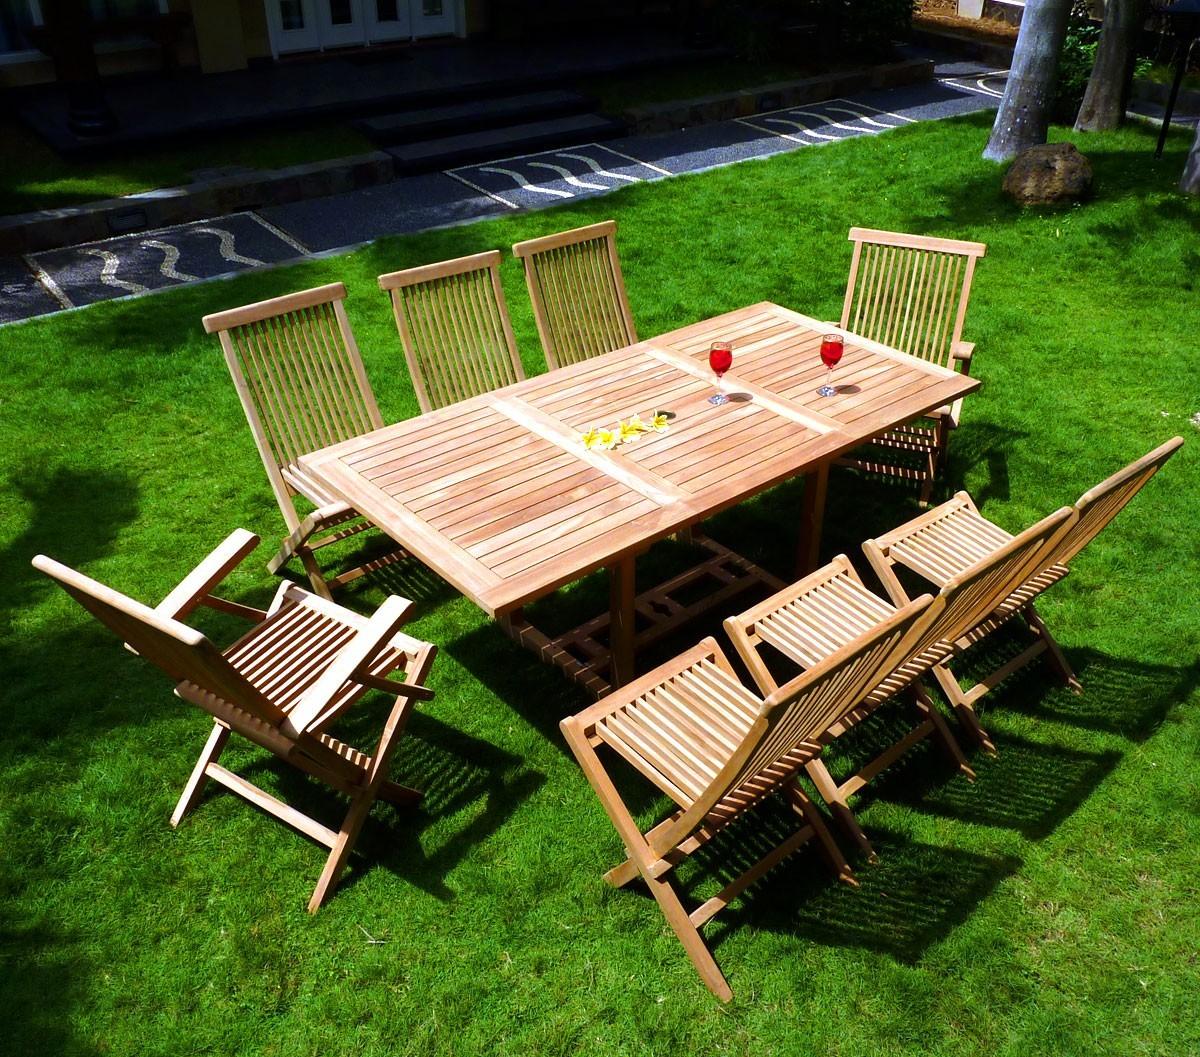 ensemble lombok 8 places teck brut de jardin table extensible pas cher. Black Bedroom Furniture Sets. Home Design Ideas